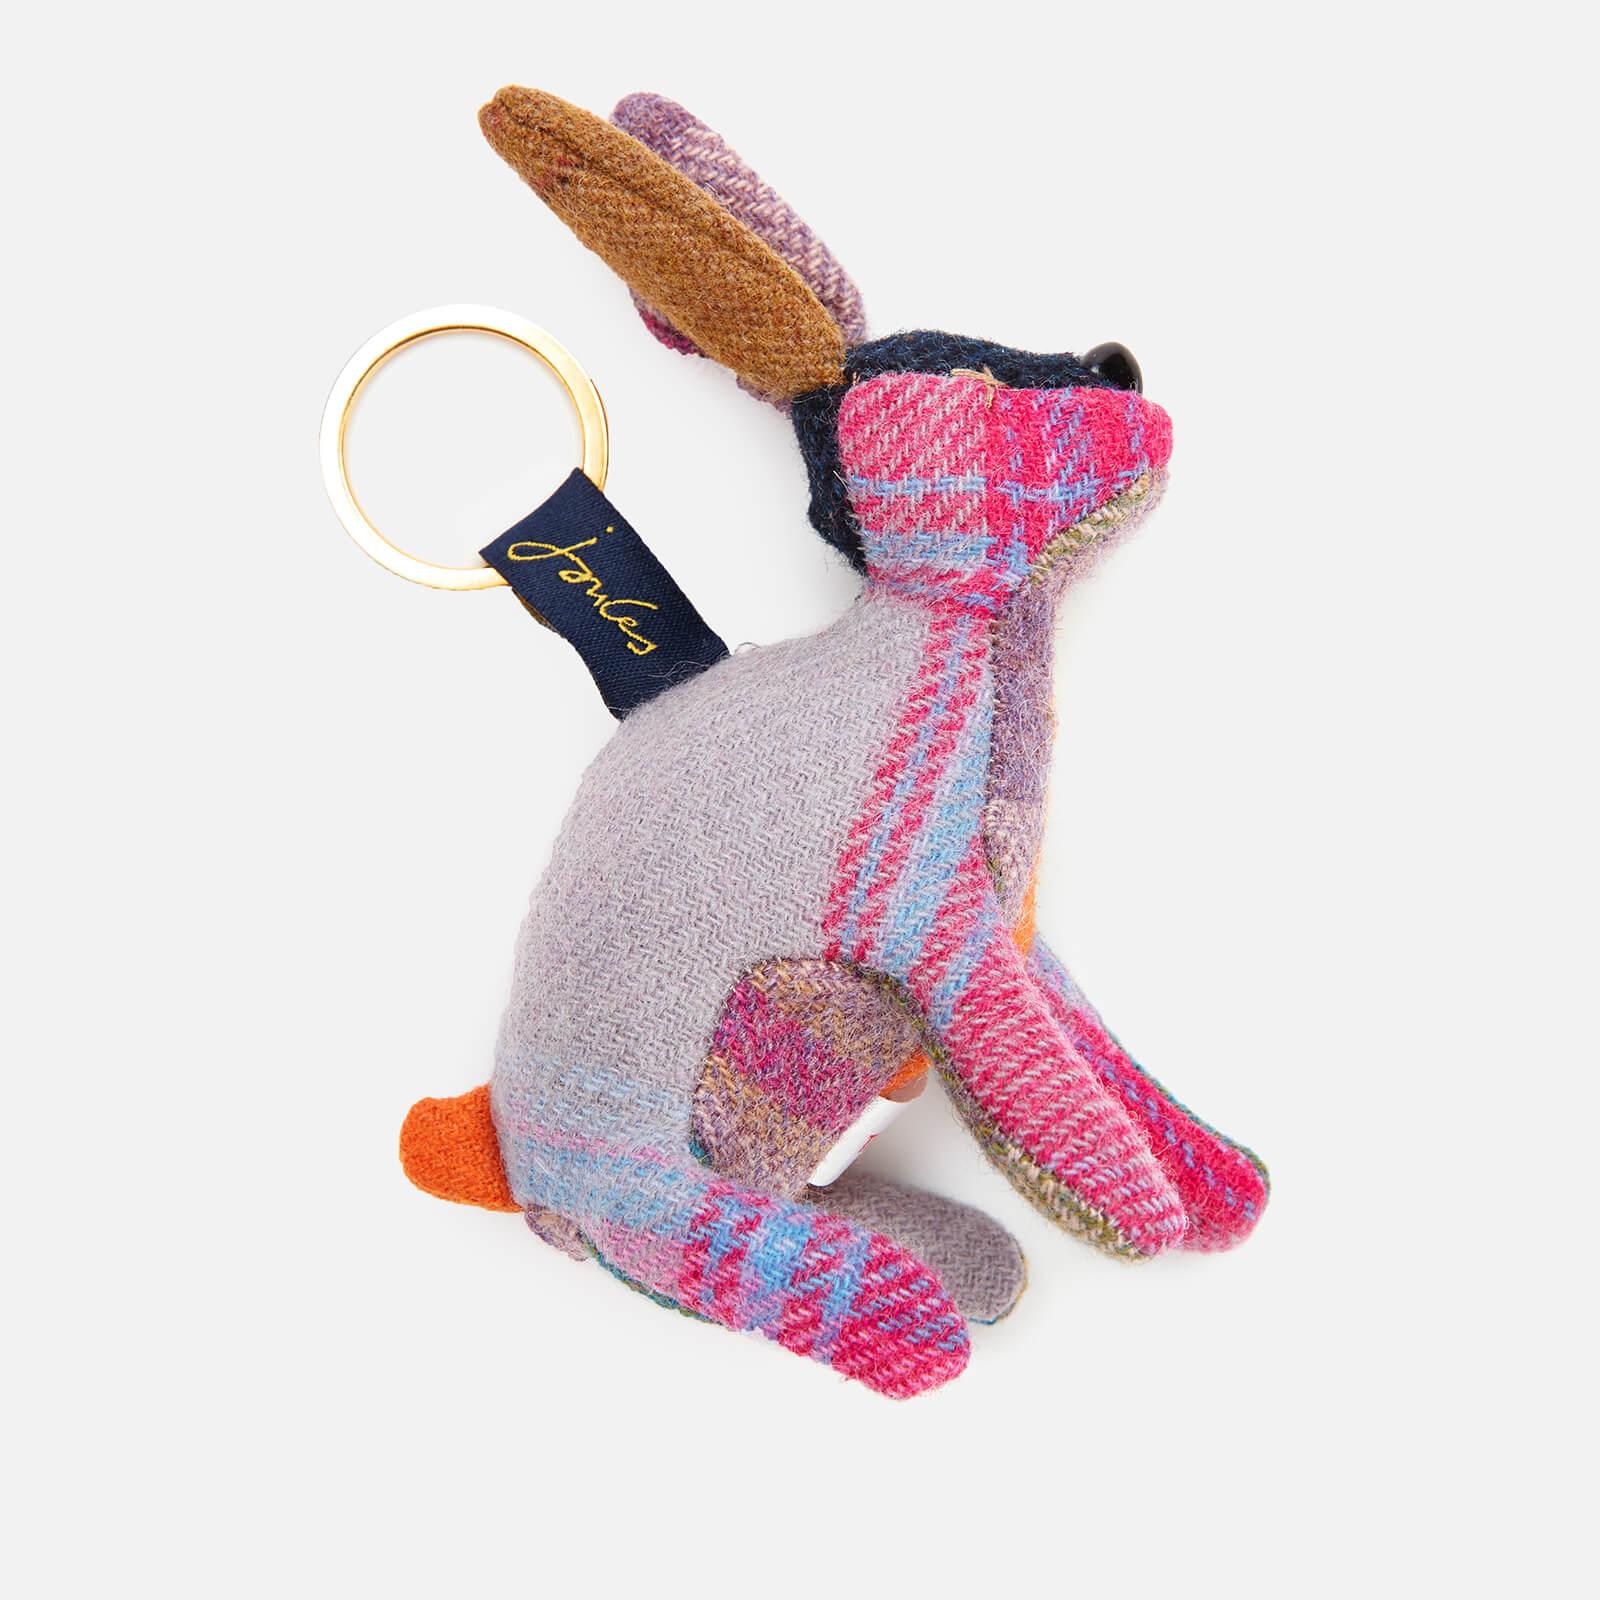 Joules Women's Tweedle Hare Keyring - Brown